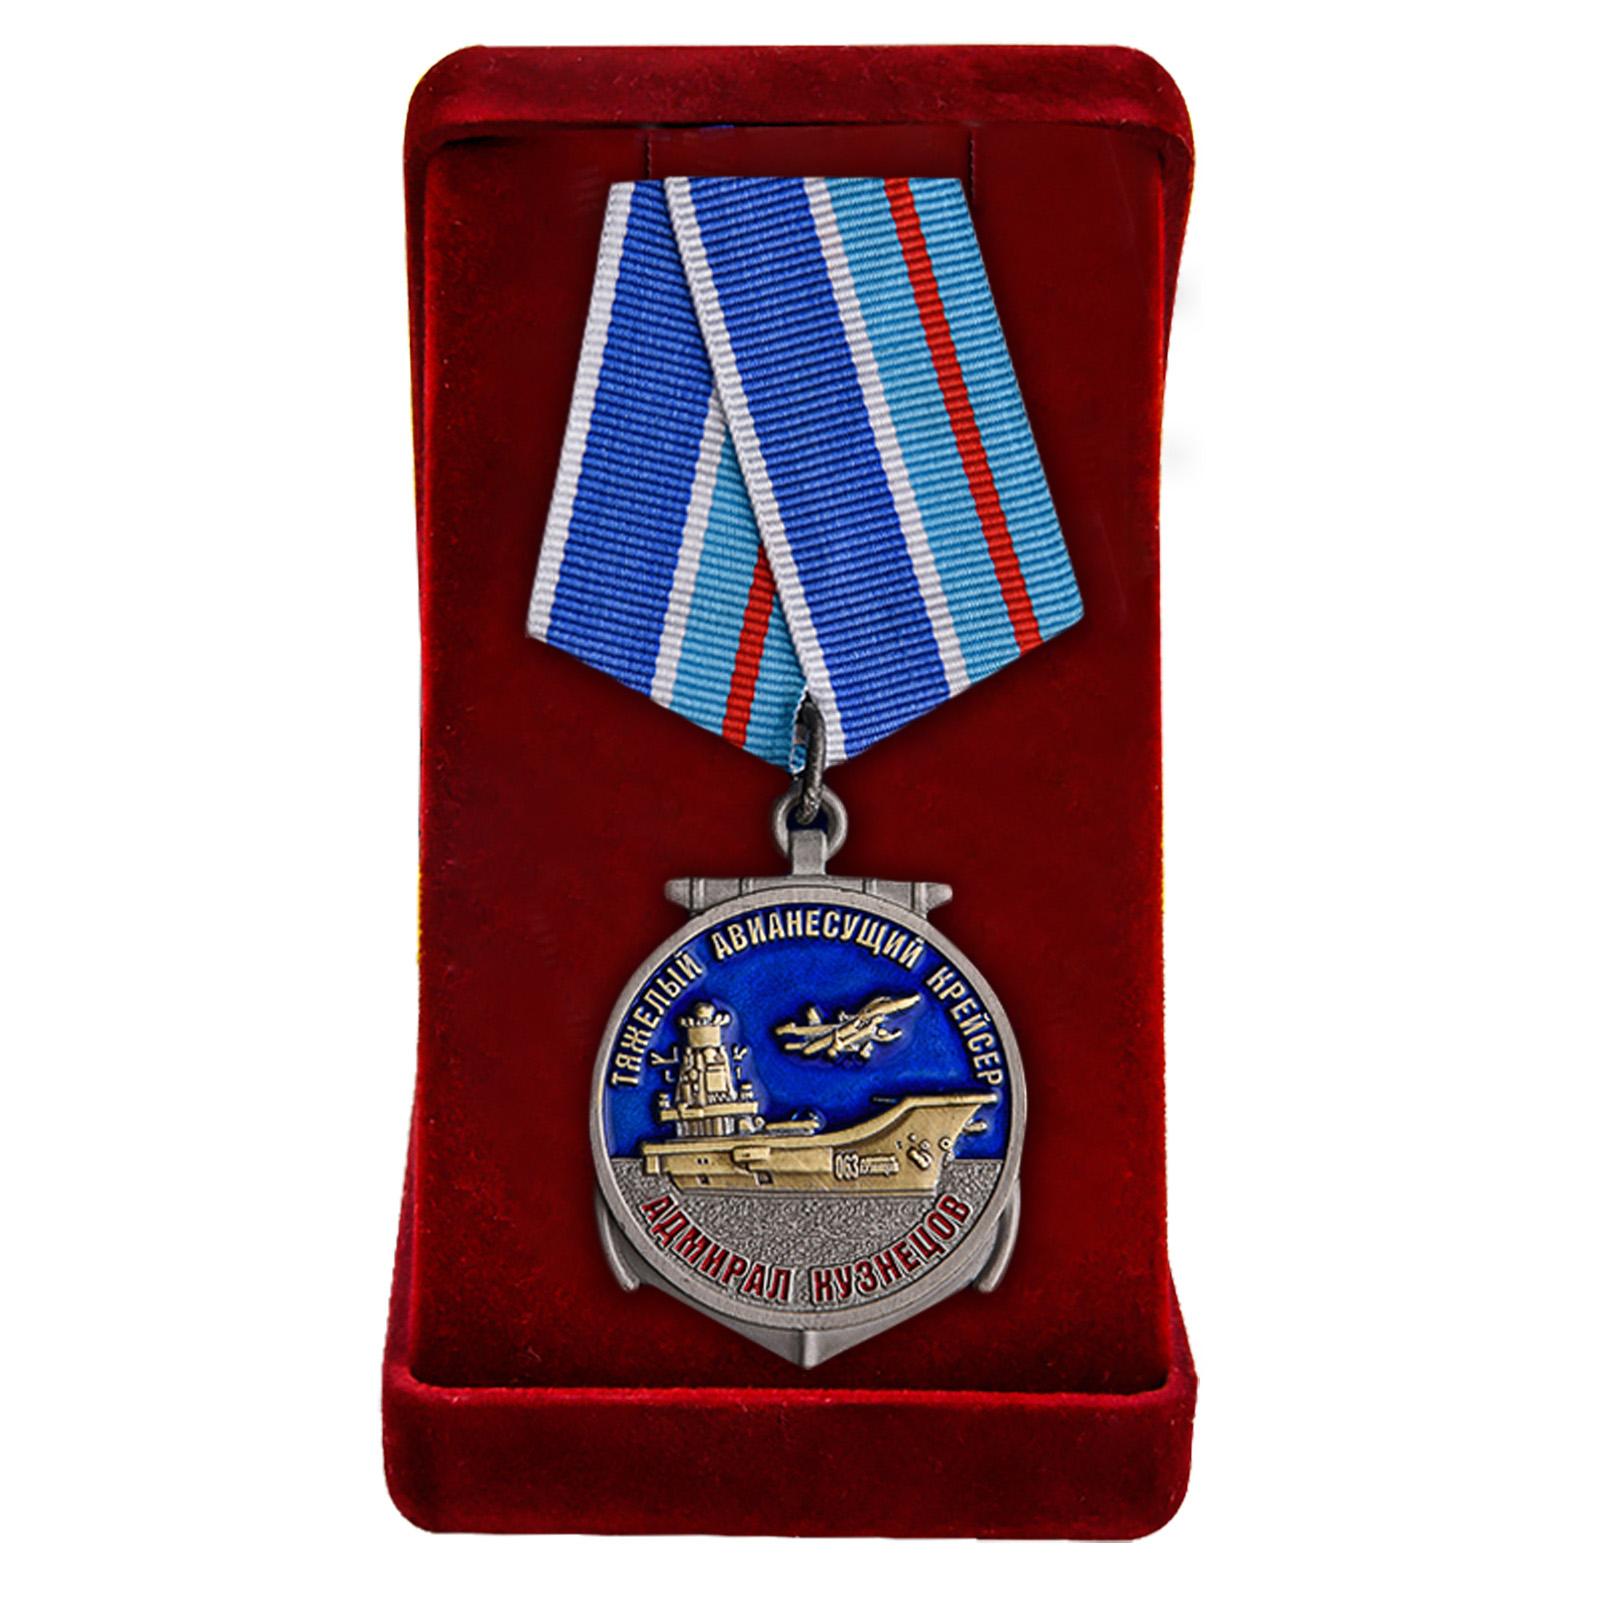 Купить памятную медаль Крейсер Адмирал Кузнецов оптом или в розницу